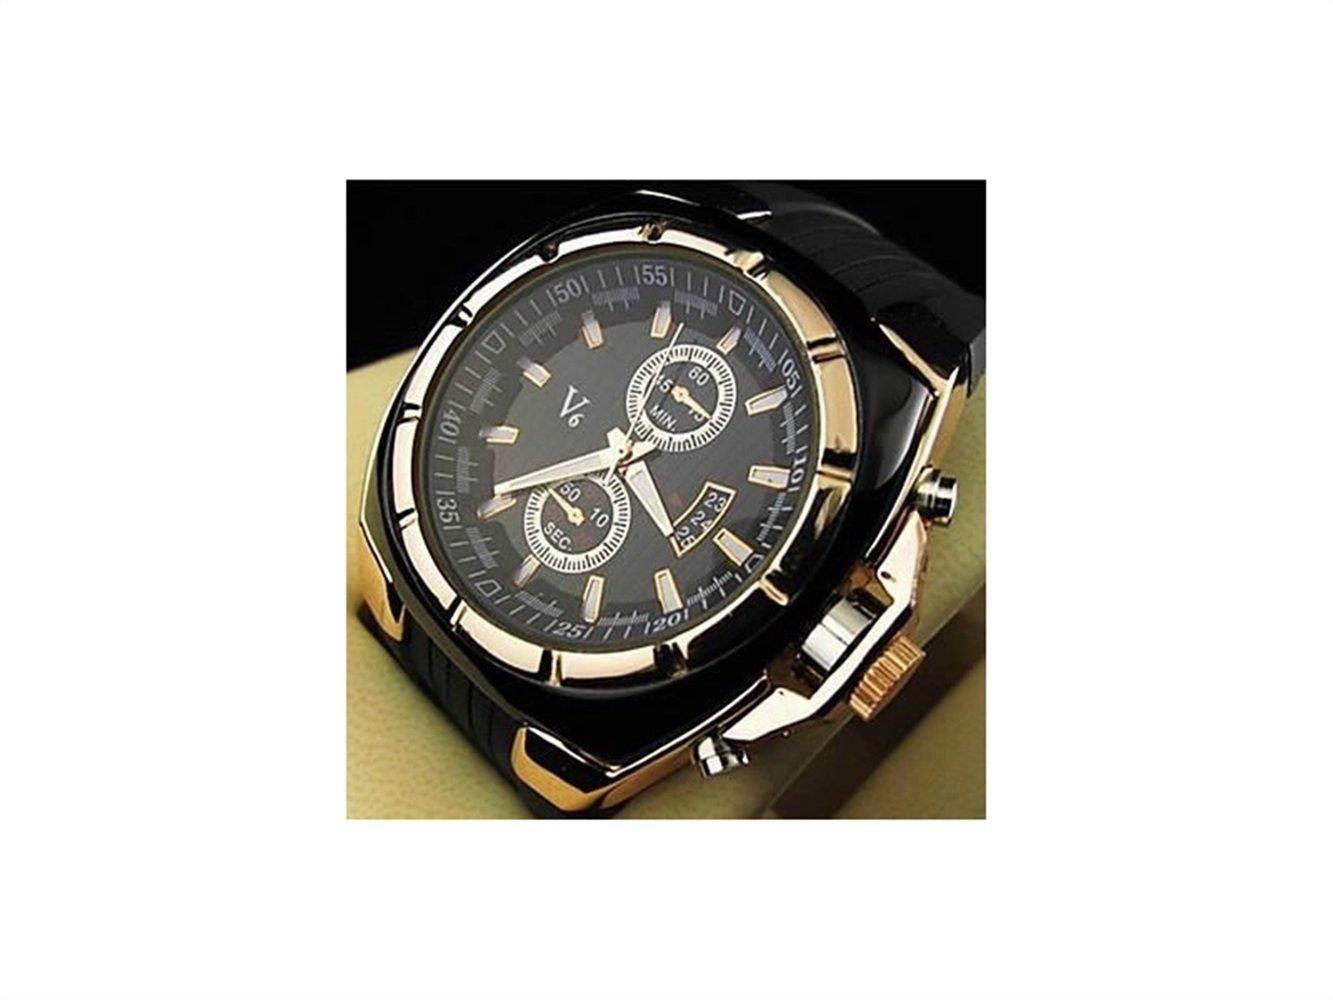 HOUHOUNNPO Modische Uhr V6 authentische V0048 Uhr Herren Pers/önlichkeit Outdoor-Sport Freizeituhr